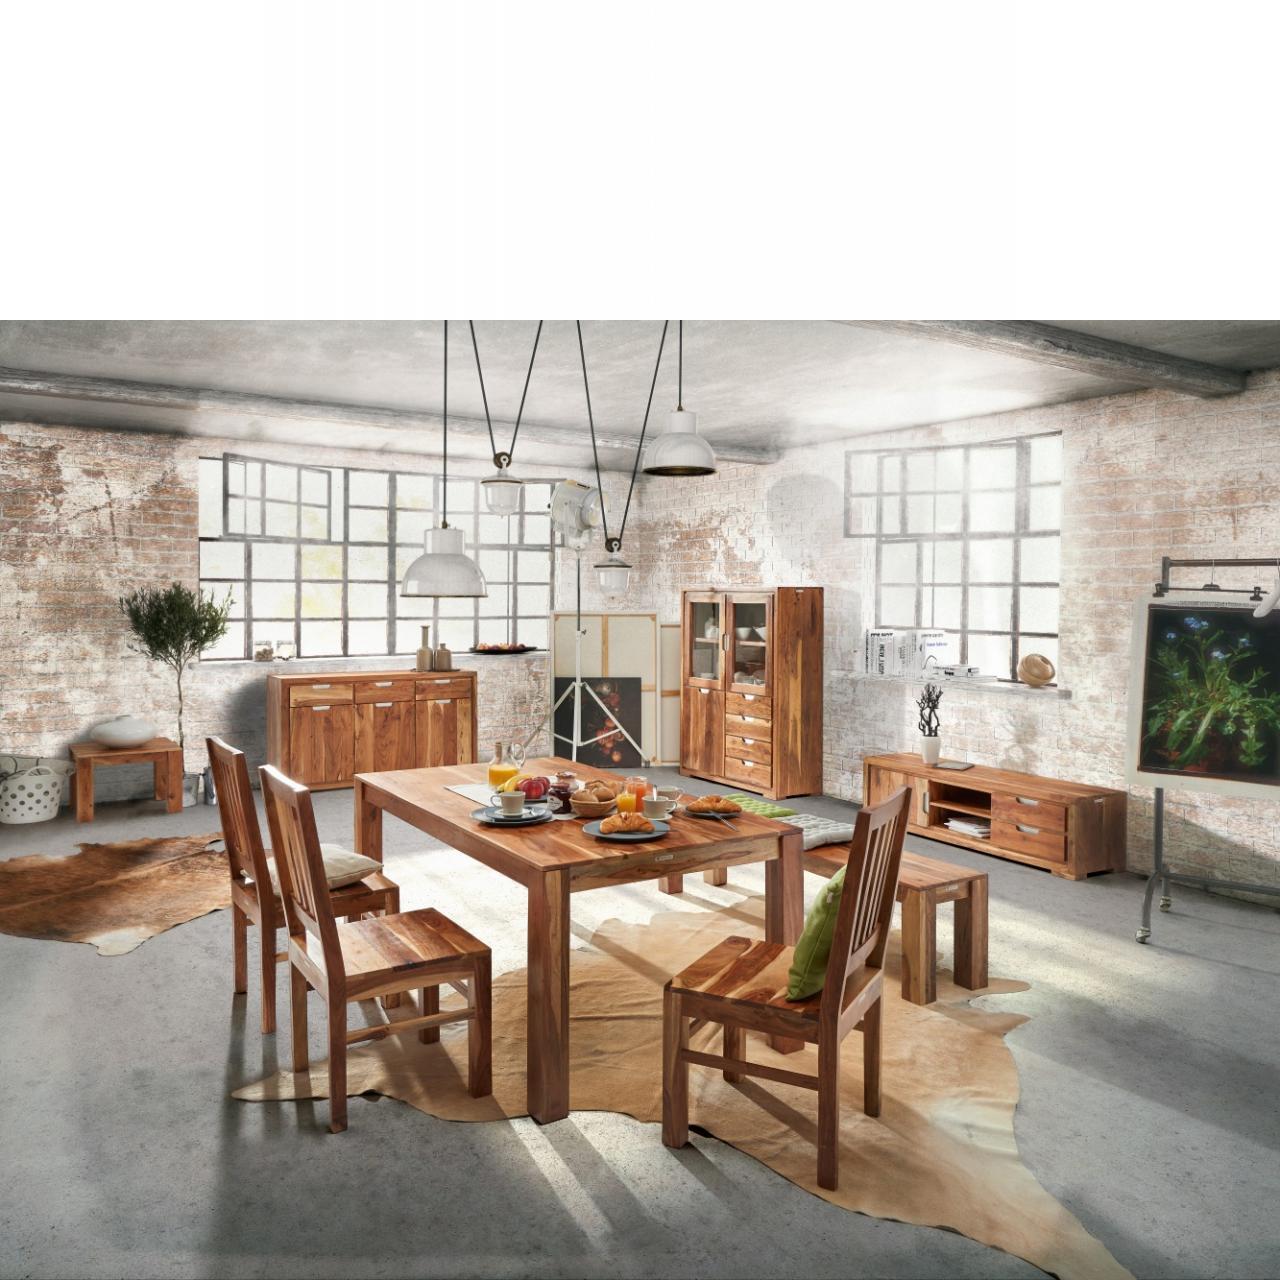 bank vision 2830 b nke esszimmer wohnen m bel j hnichen center gmbh. Black Bedroom Furniture Sets. Home Design Ideas